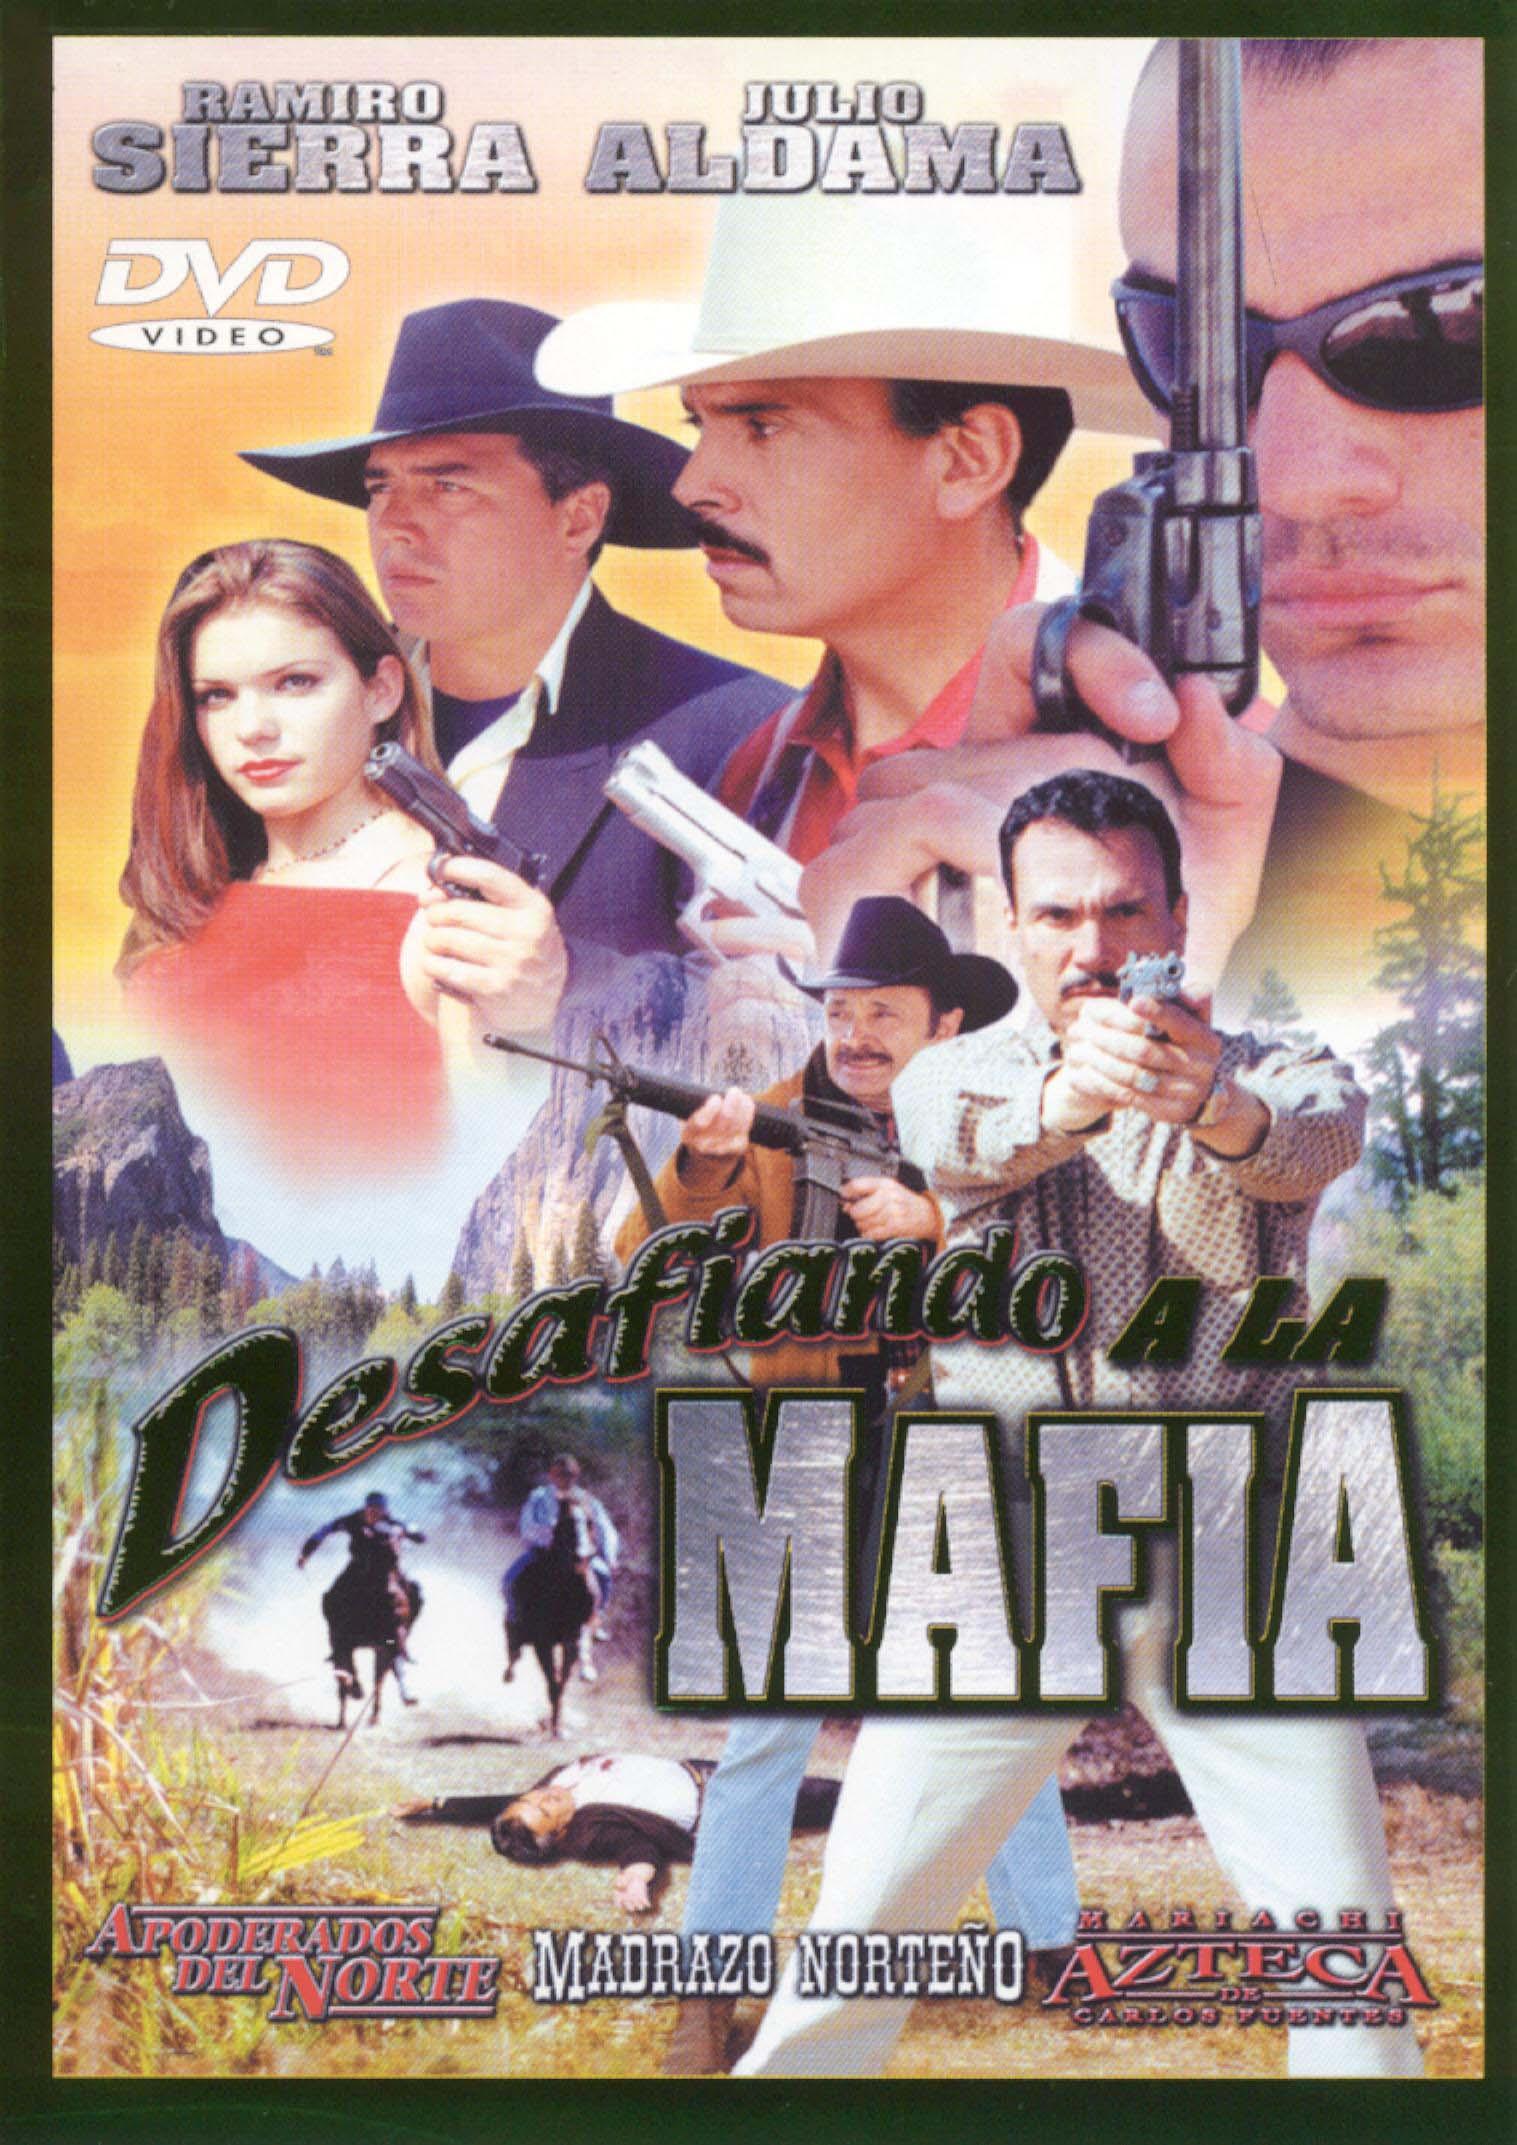 Desafiando A La Mafia